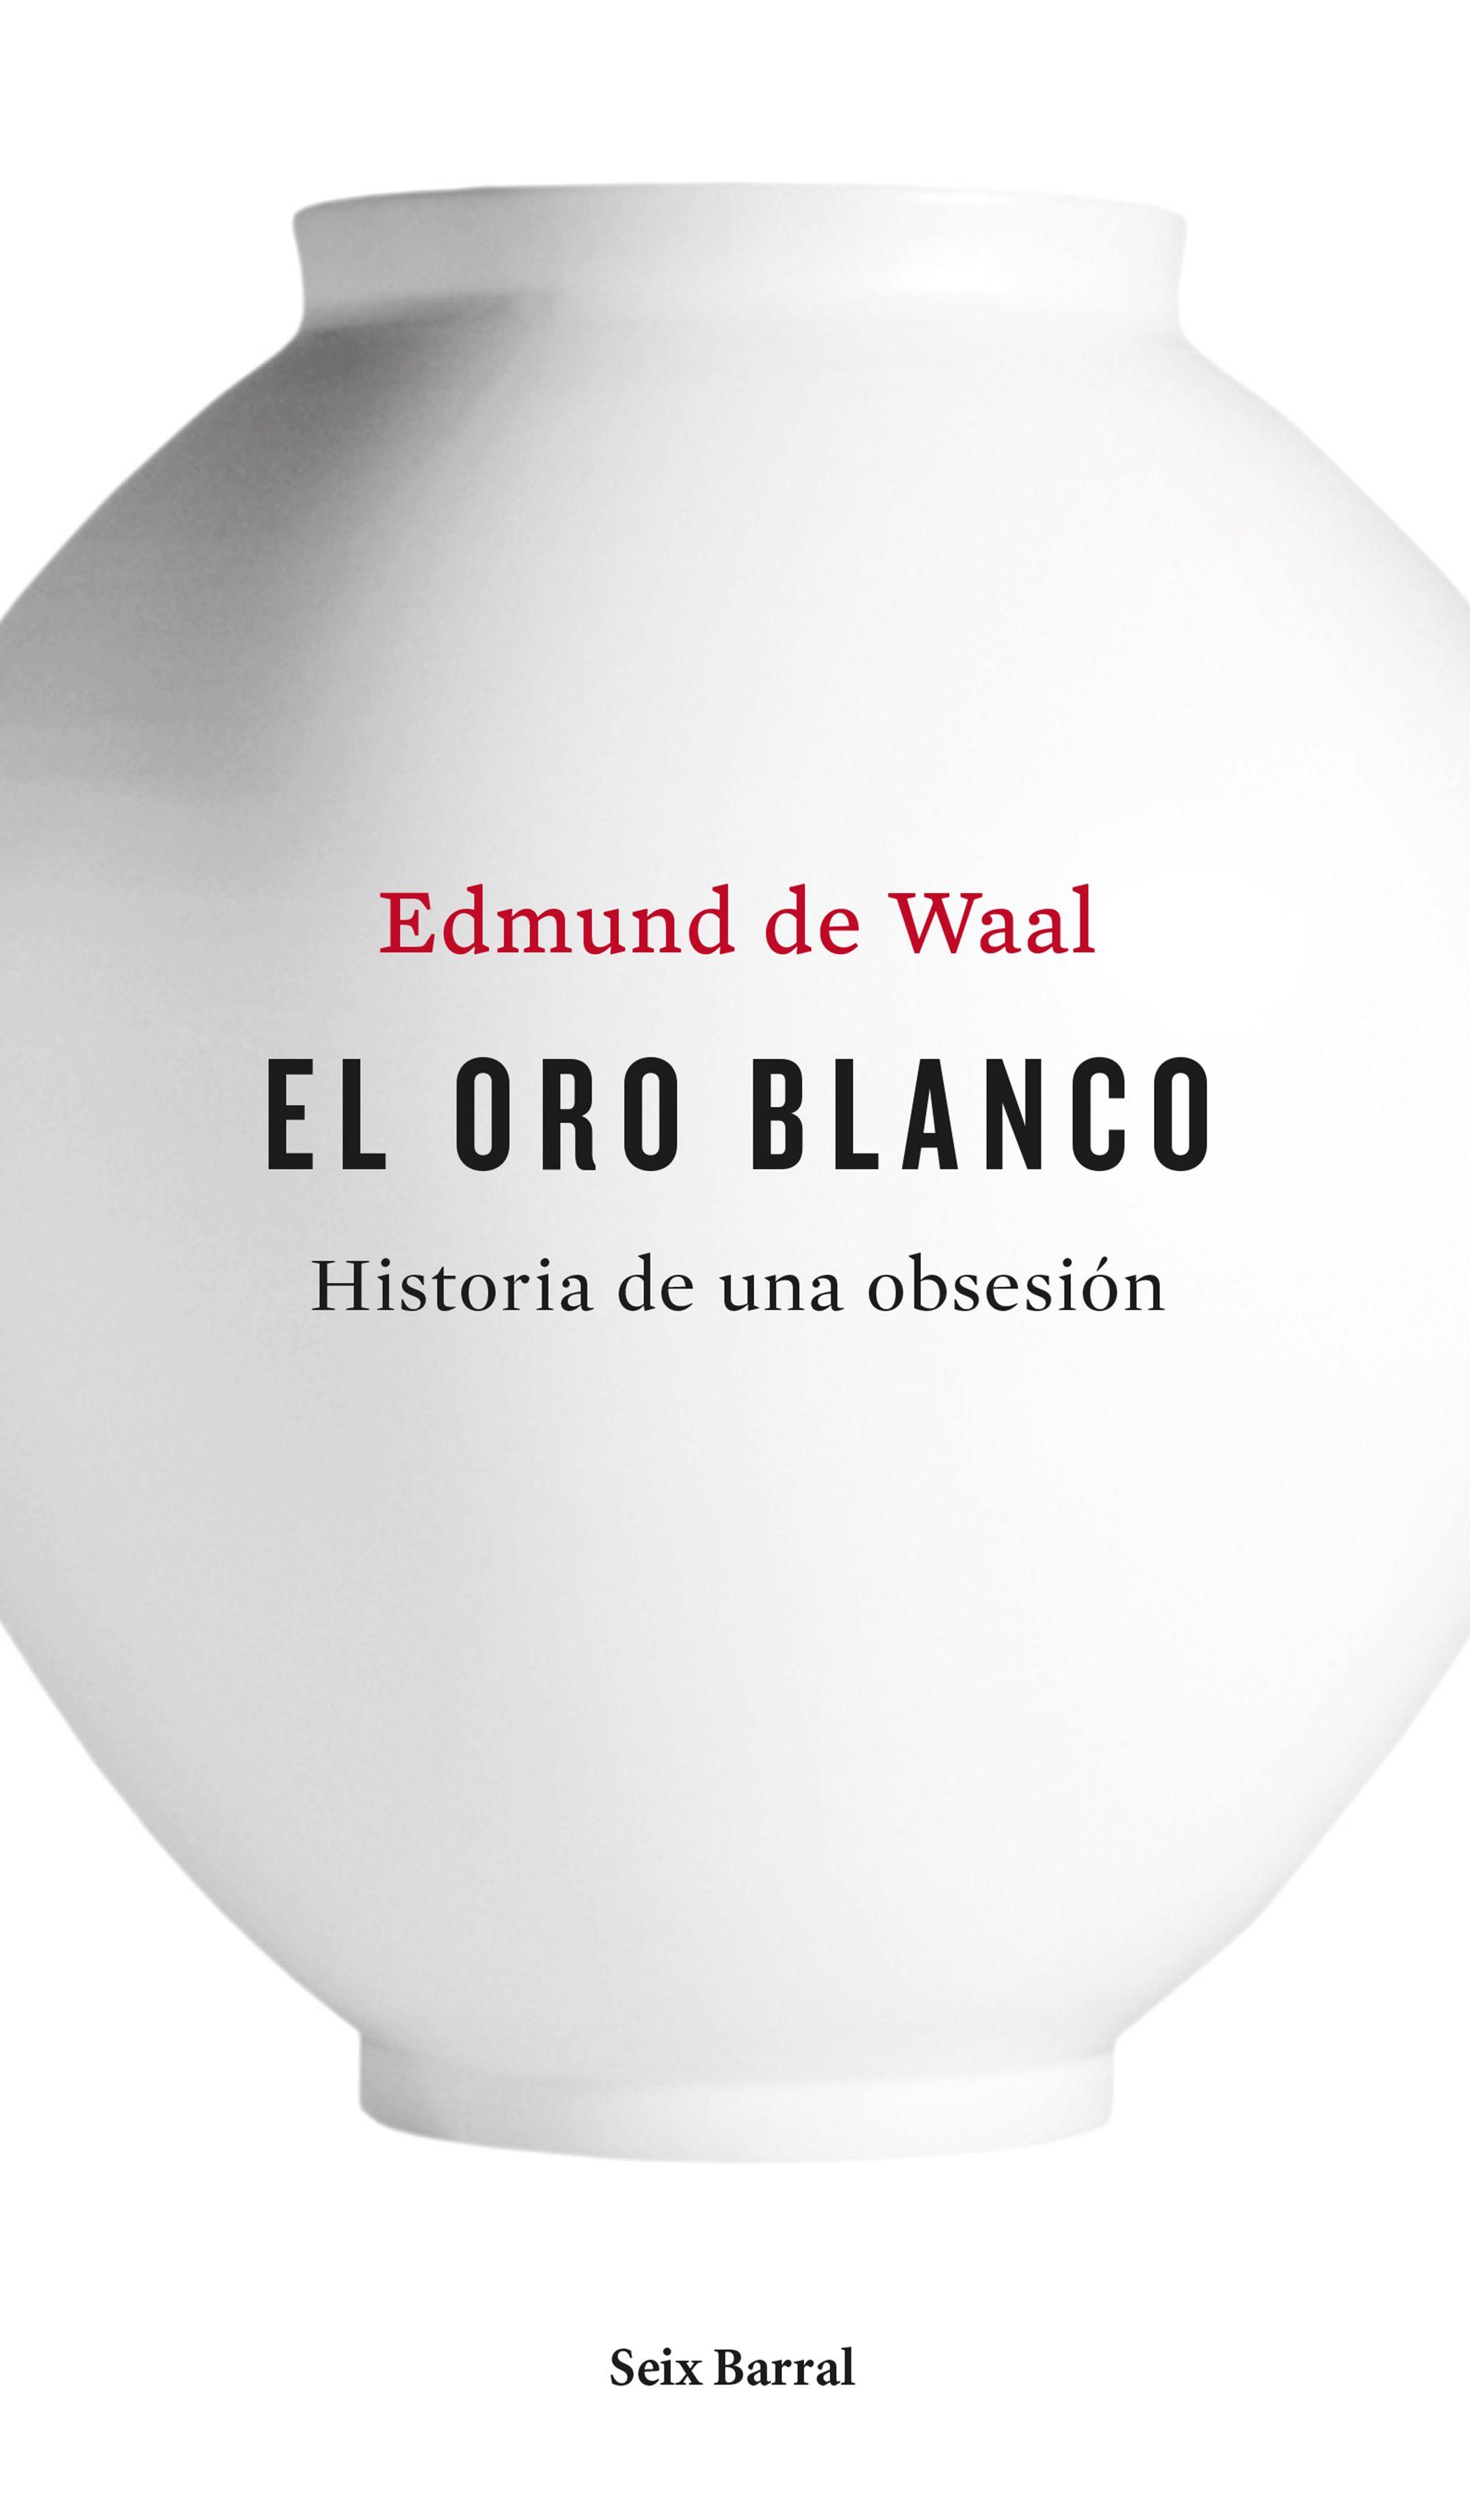 el oro blanco: historia de una obsesion-edmund de waal-9788432228926